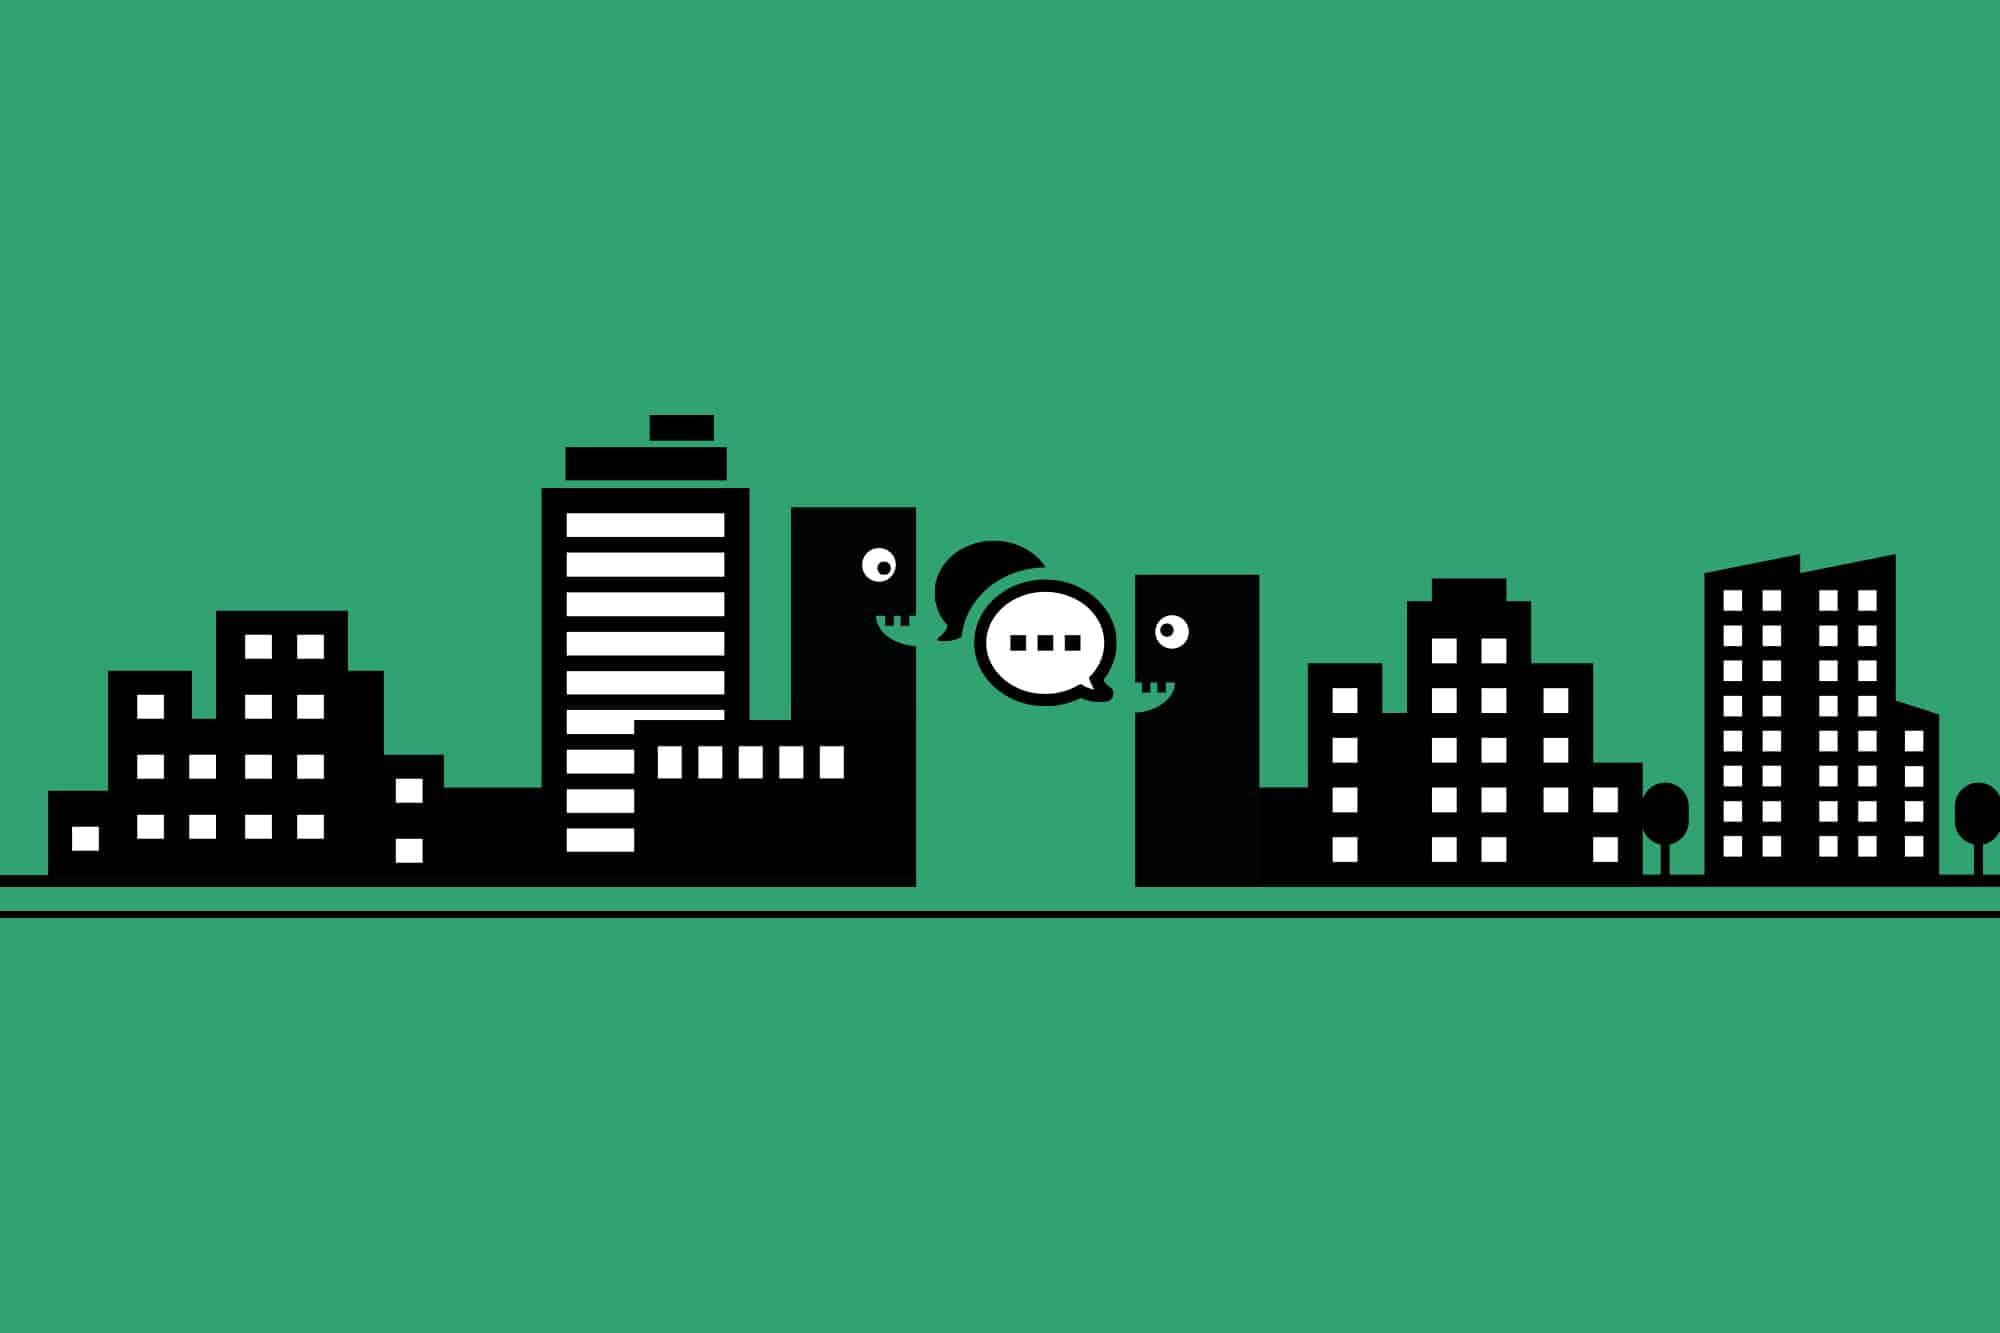 Stadtgespräch: Sie stellen die Fragen, wir recherchieren.